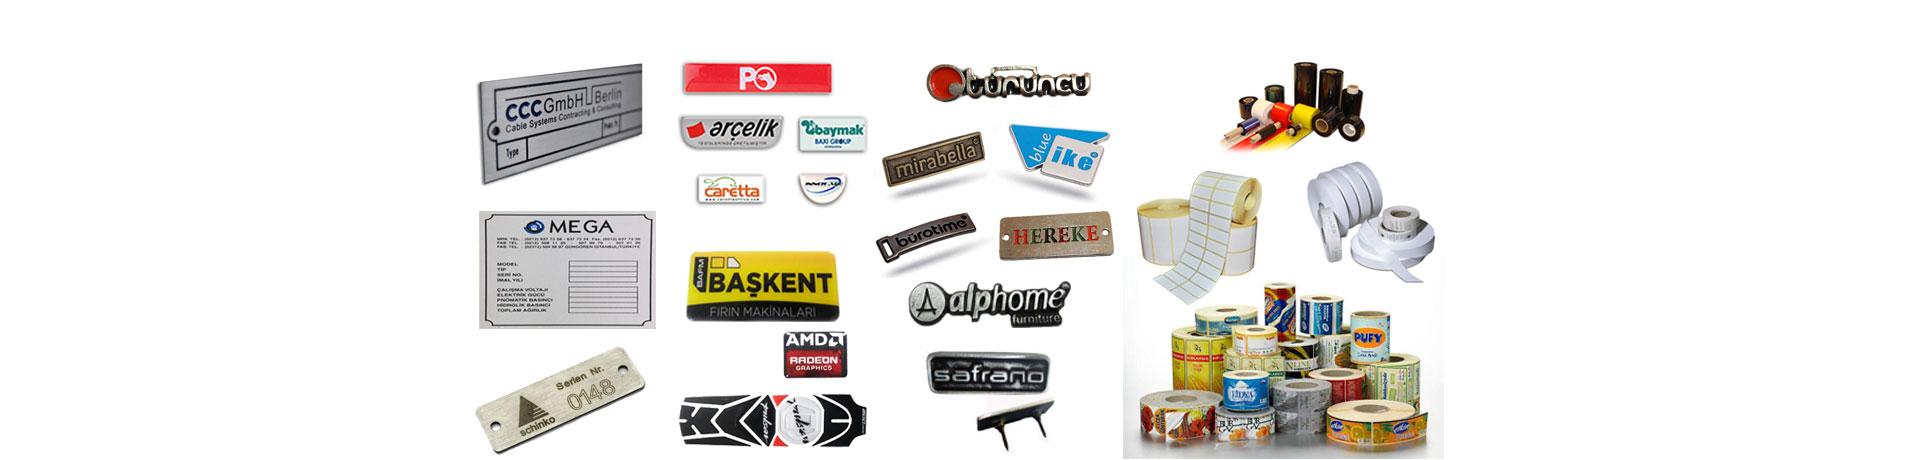 aluminyum etiket,damla etiket,ruloetiket,zamak etiket,mobilya etiketi